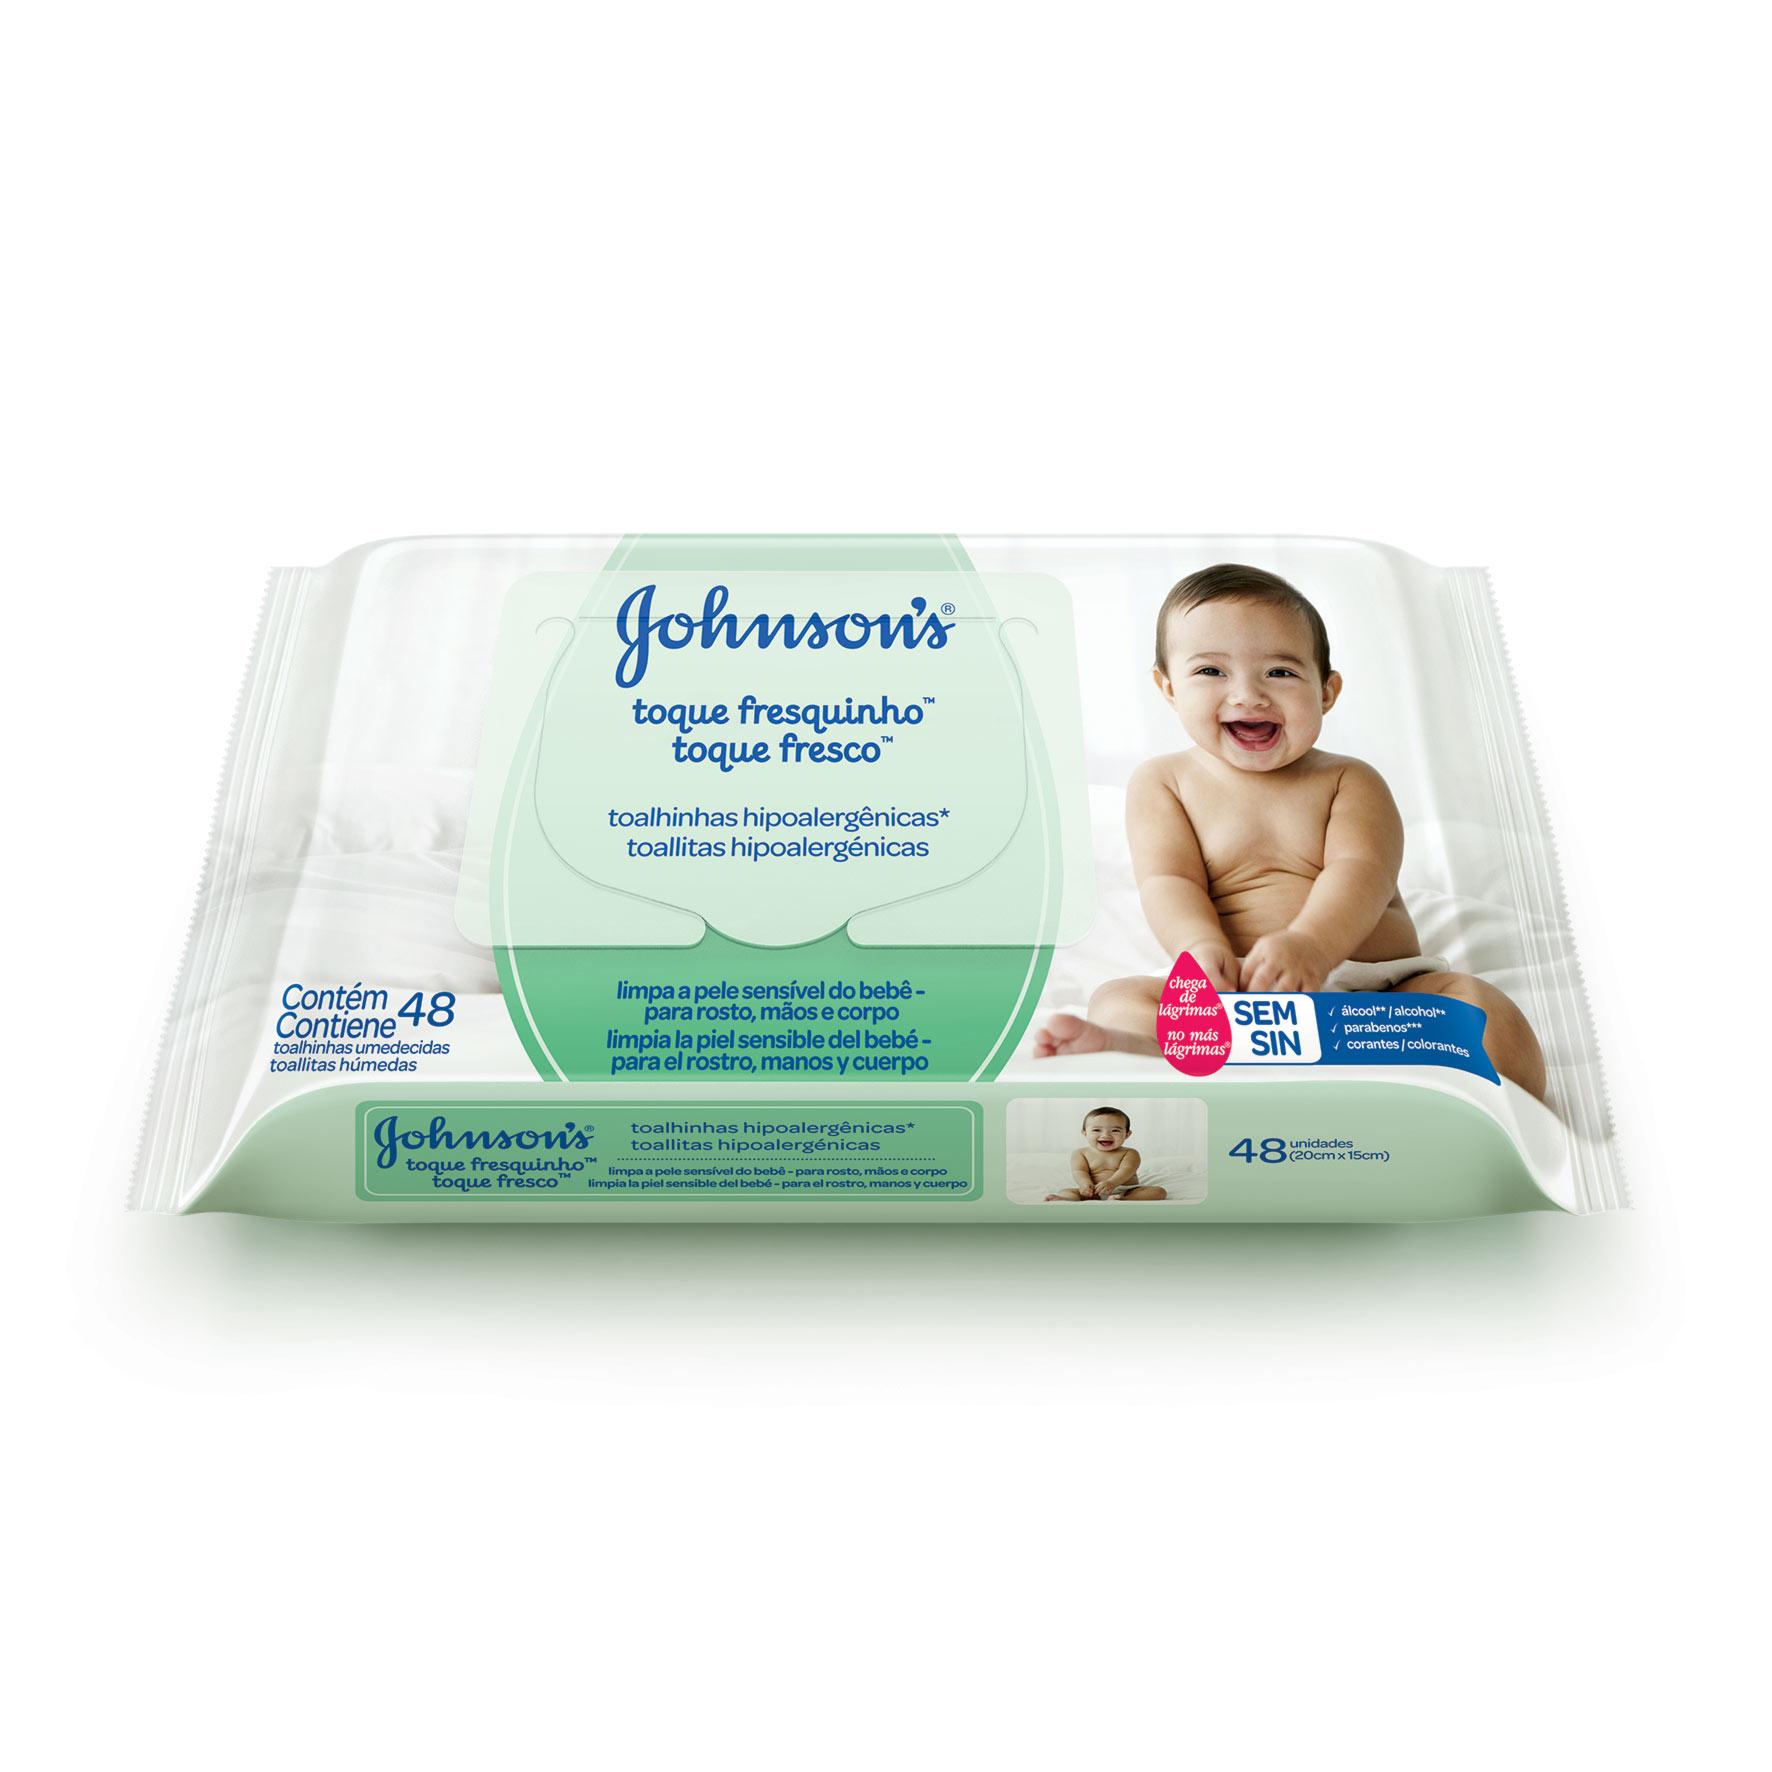 Johnson's® Toalhinhas Hipoalergênicas Toque Fresquinho